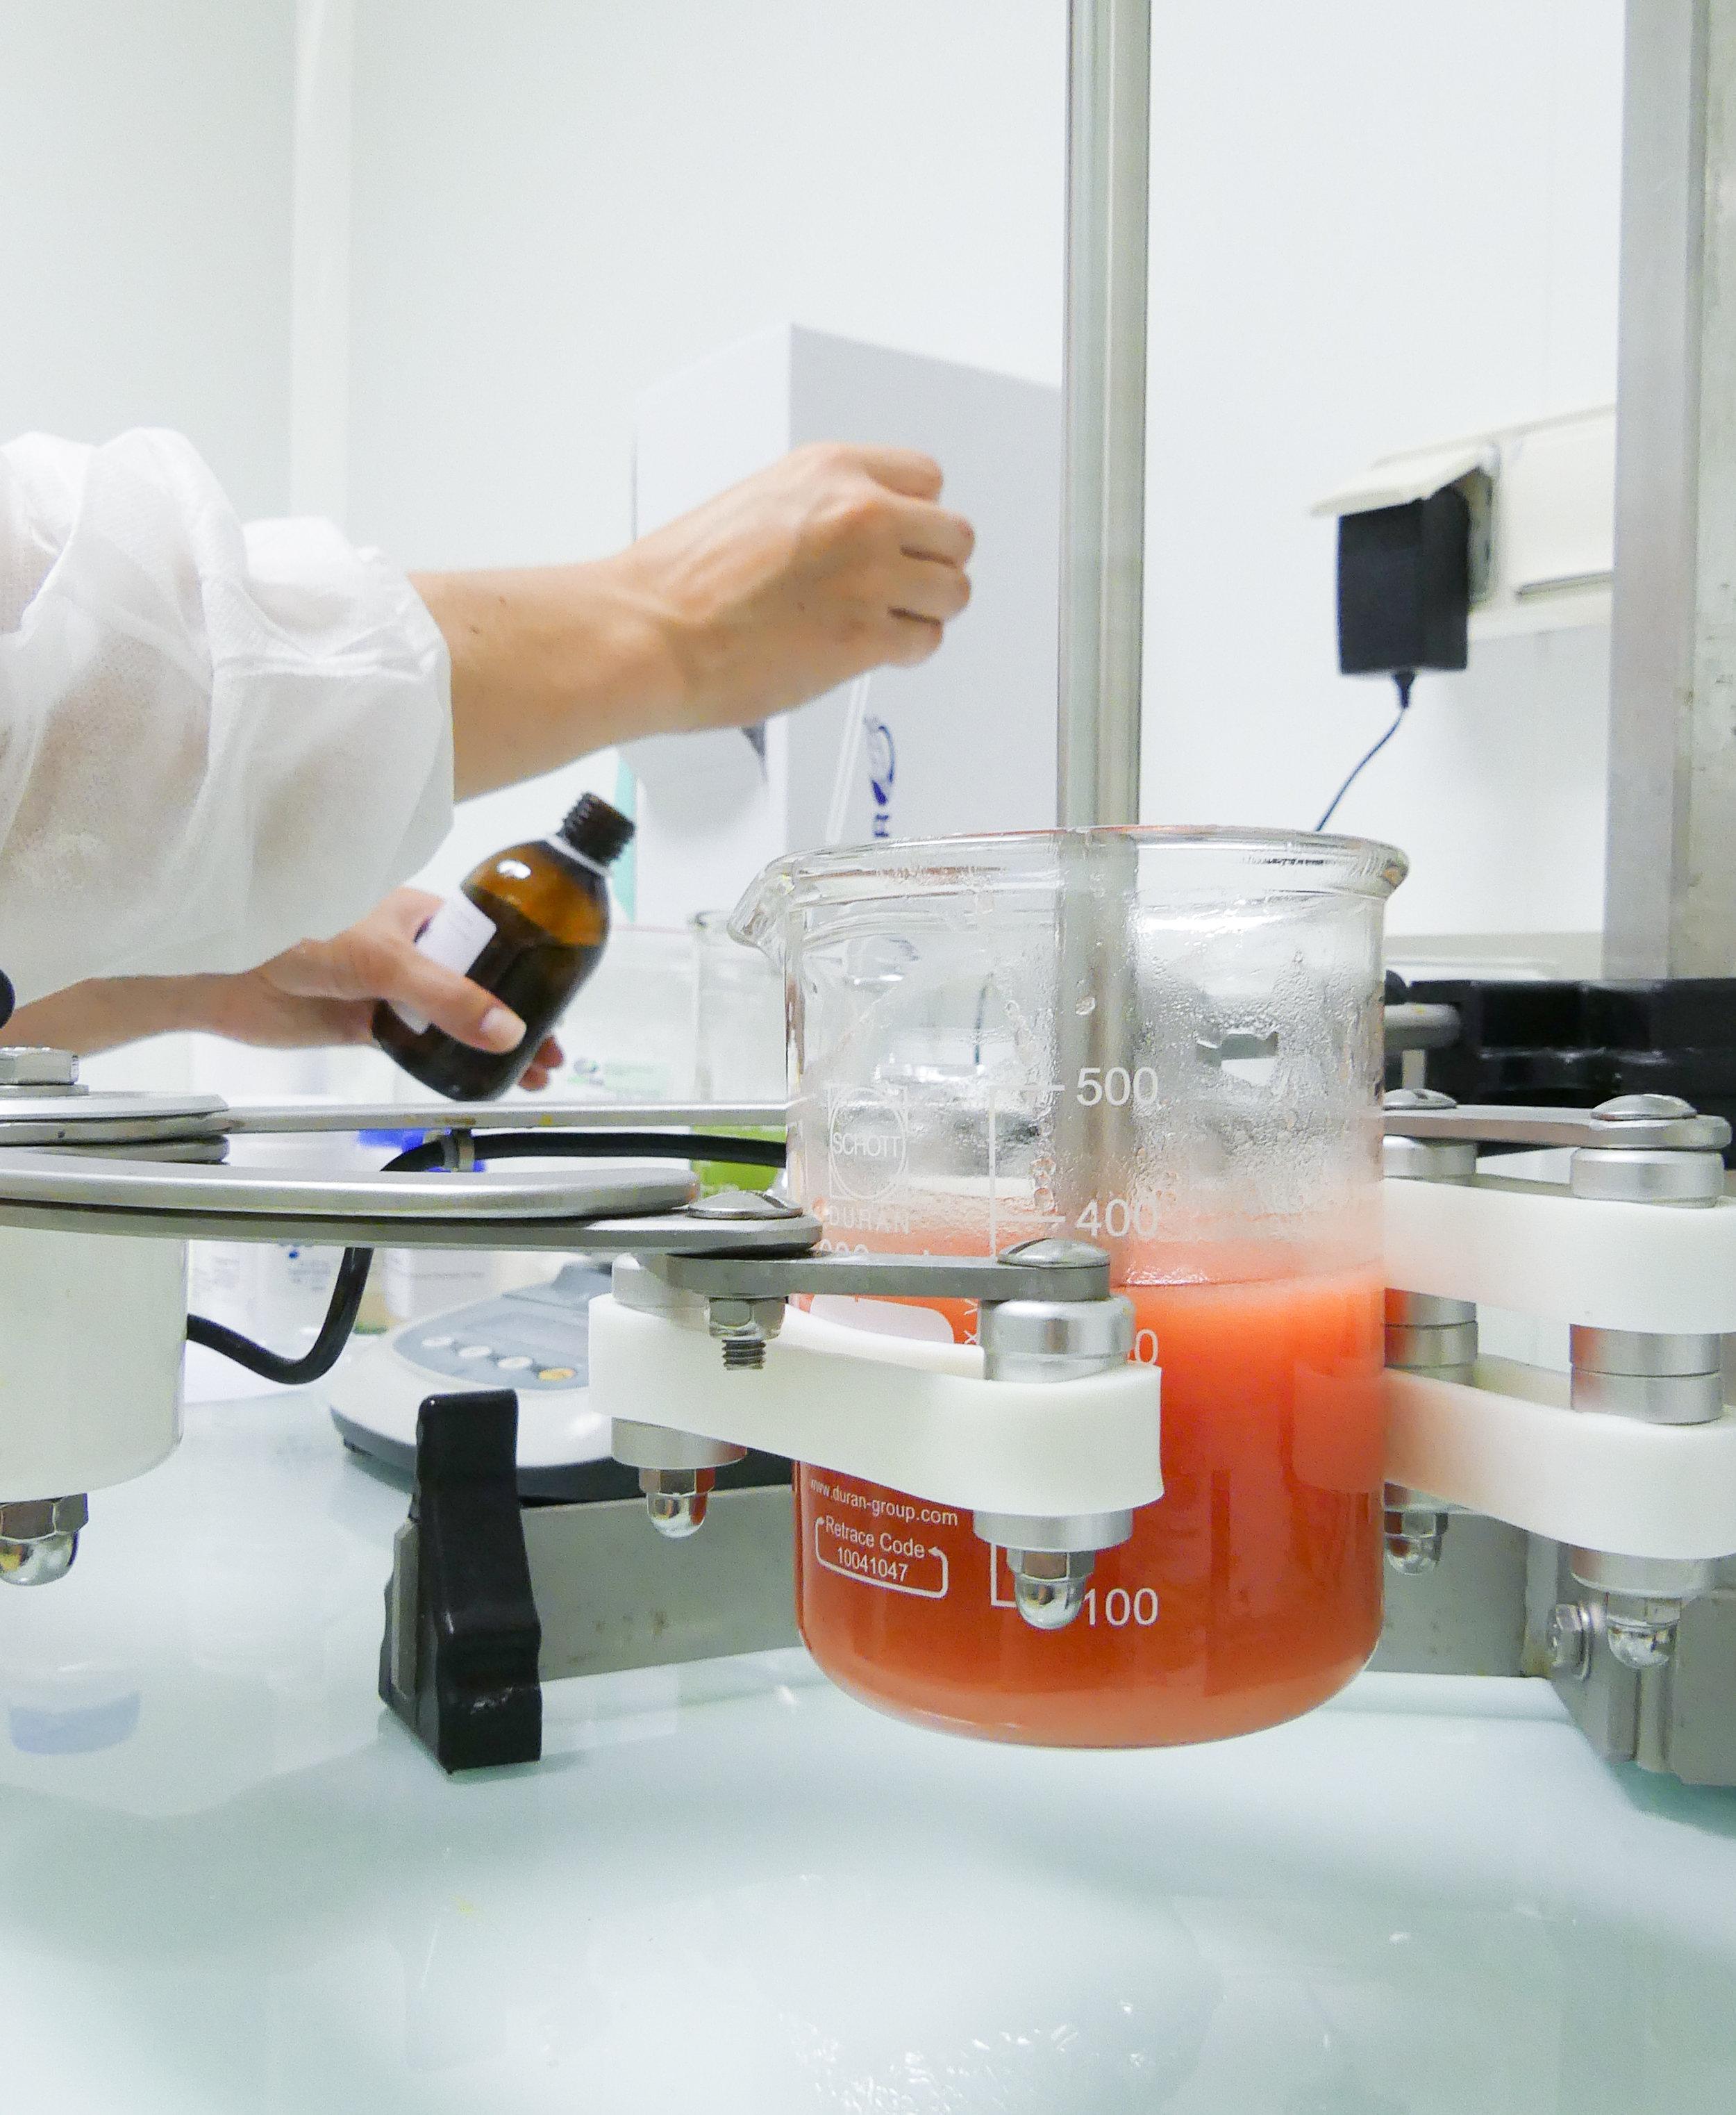 Notre technologie brevetée d'extraction à froid